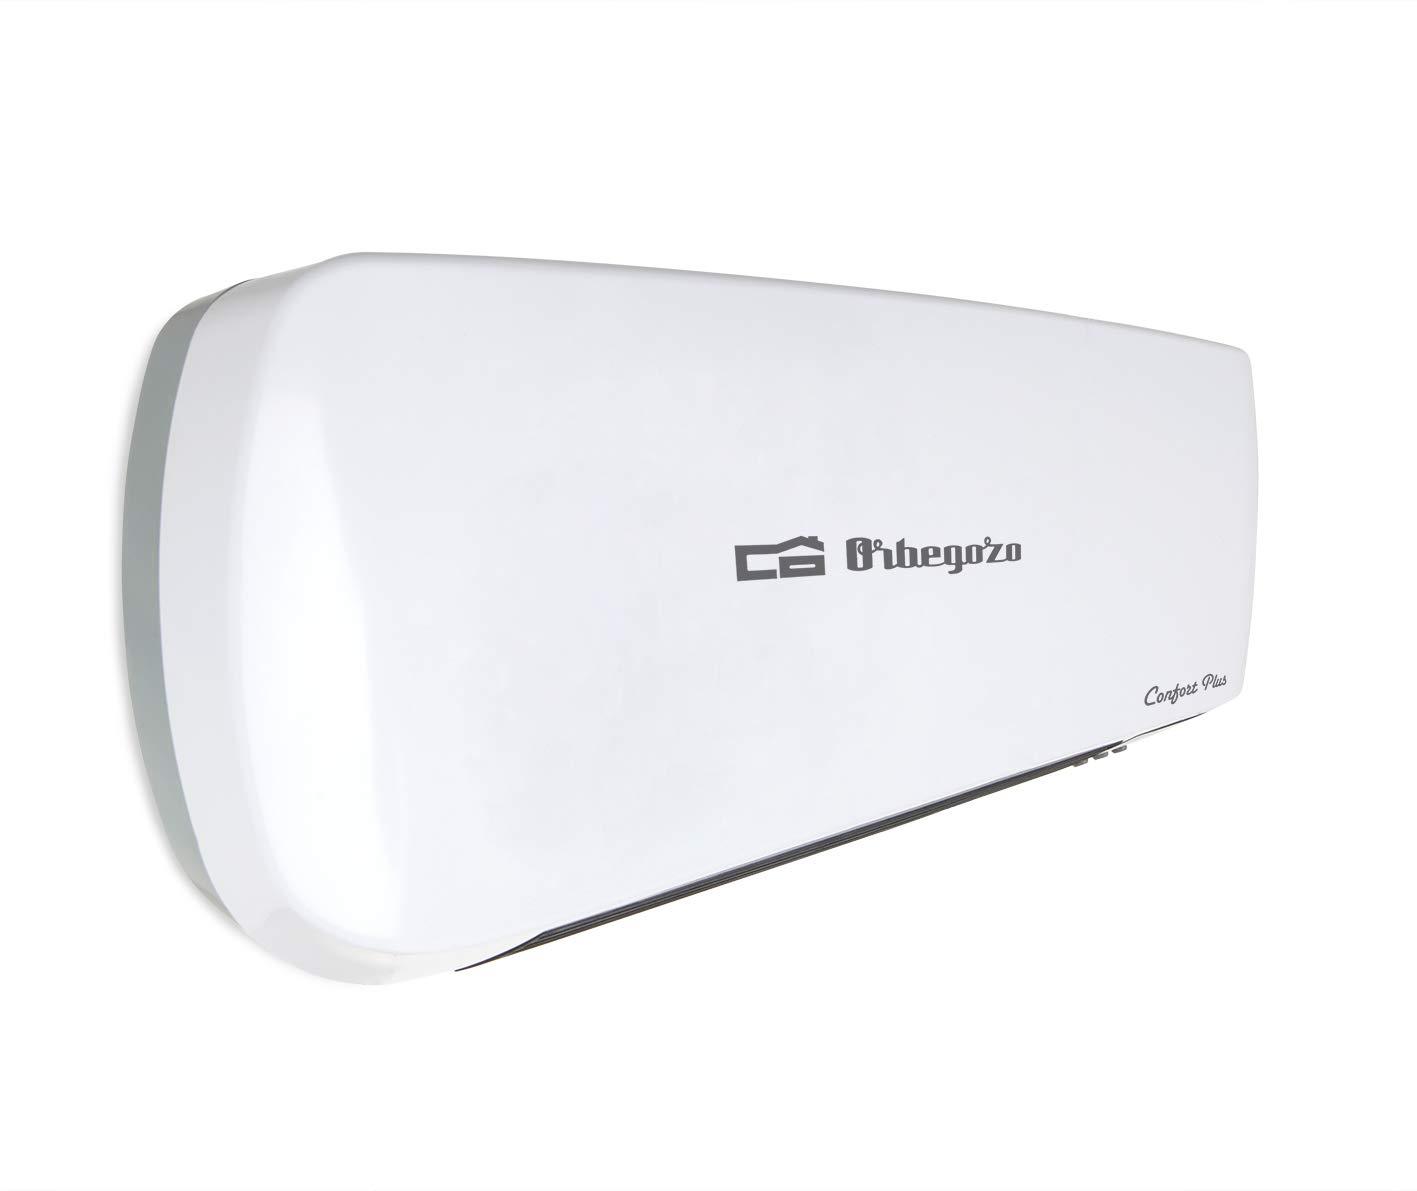 Orbegozo SP 6000 - Calefactor de baño Split programable con mando a distancia, 2000 W, 2 niveles de potencia y modo ventilador: Amazon.es: Hogar